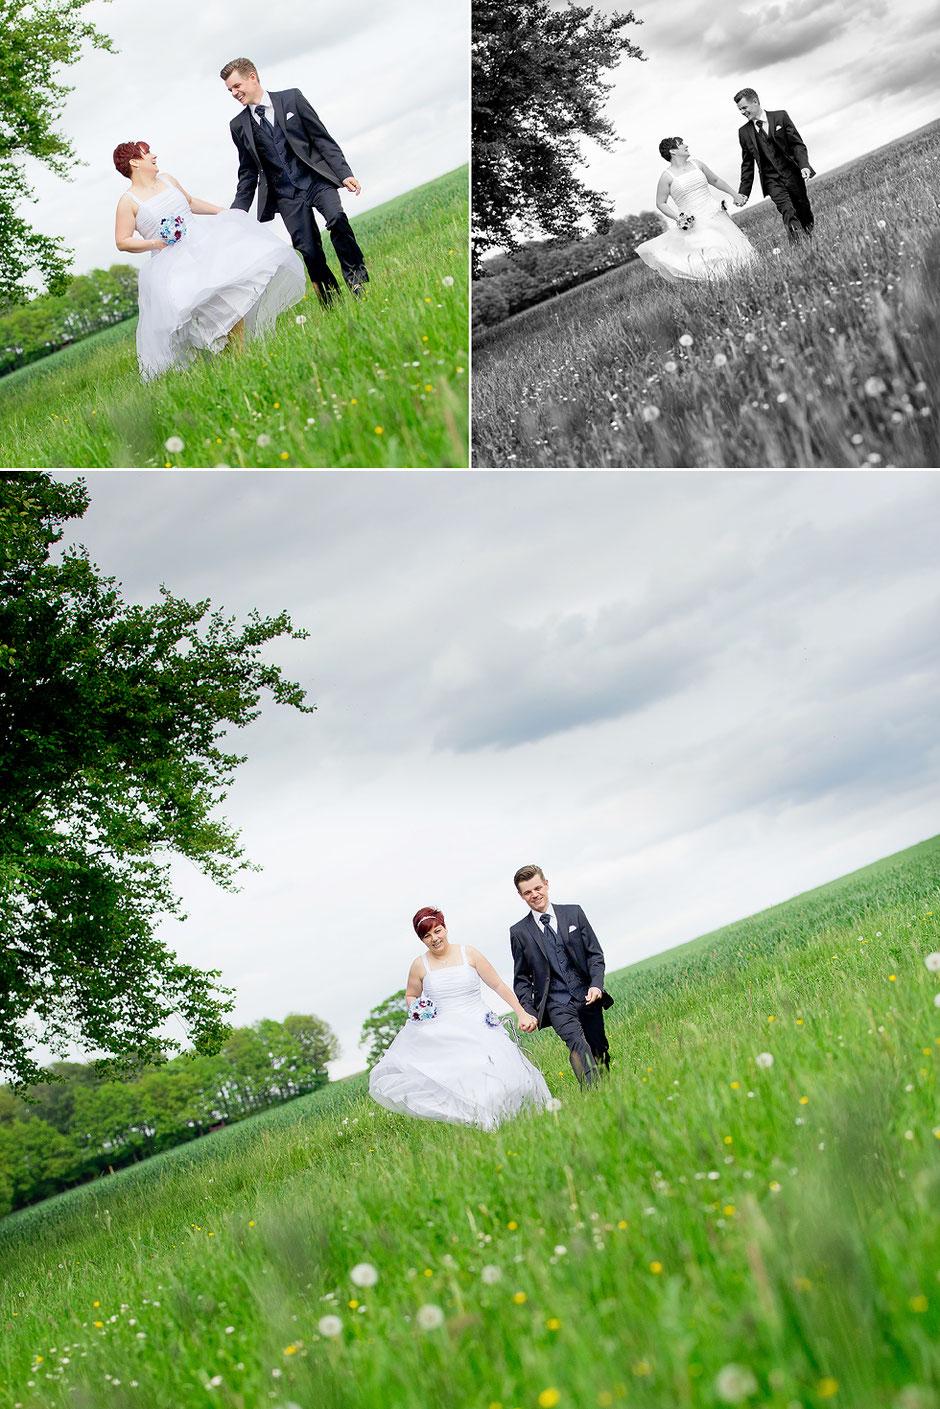 hochzeitsfotos mit spaß, hochzeitsfotograf Erzgebirge, moderne hochzeitsfotografie